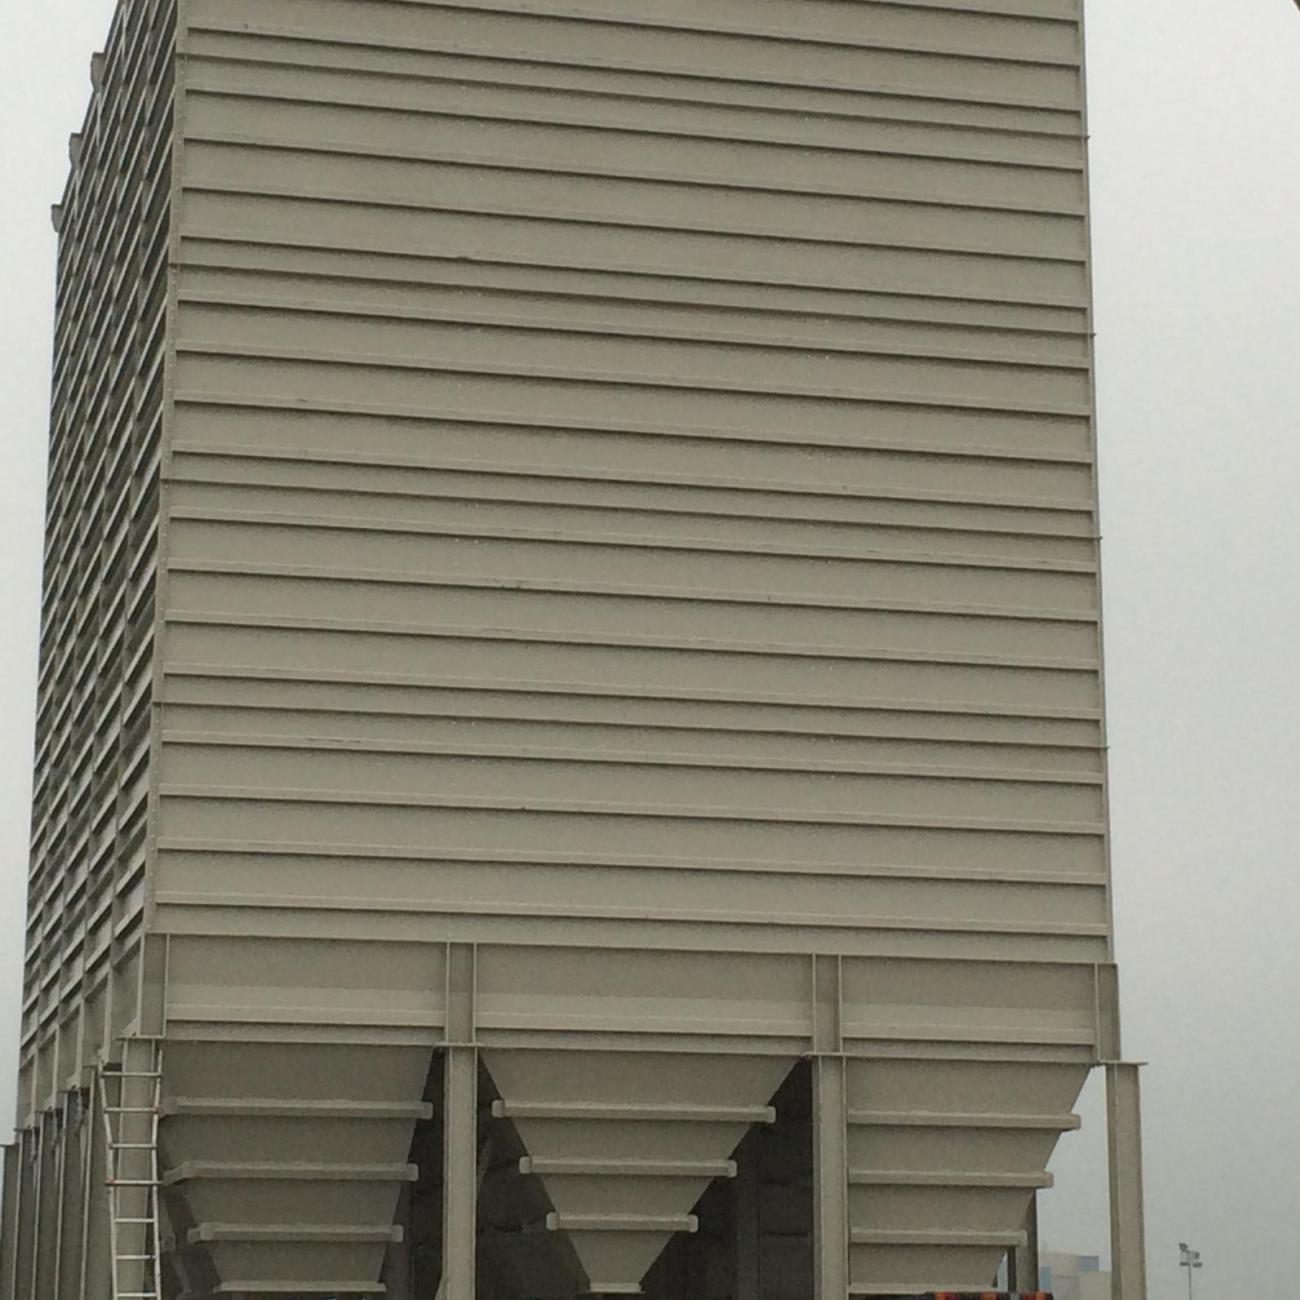 Mengvoederfabriek